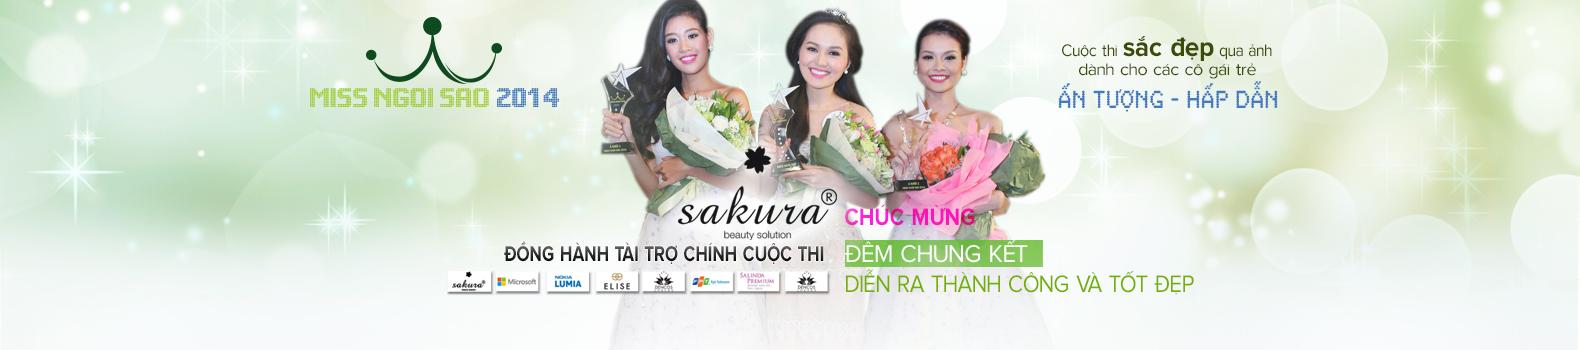 Cuộc thi Miss Ngôi Sao do mỹ phẩm Sakura đồng tài trợ chính đã kết thúc tốt đẹp